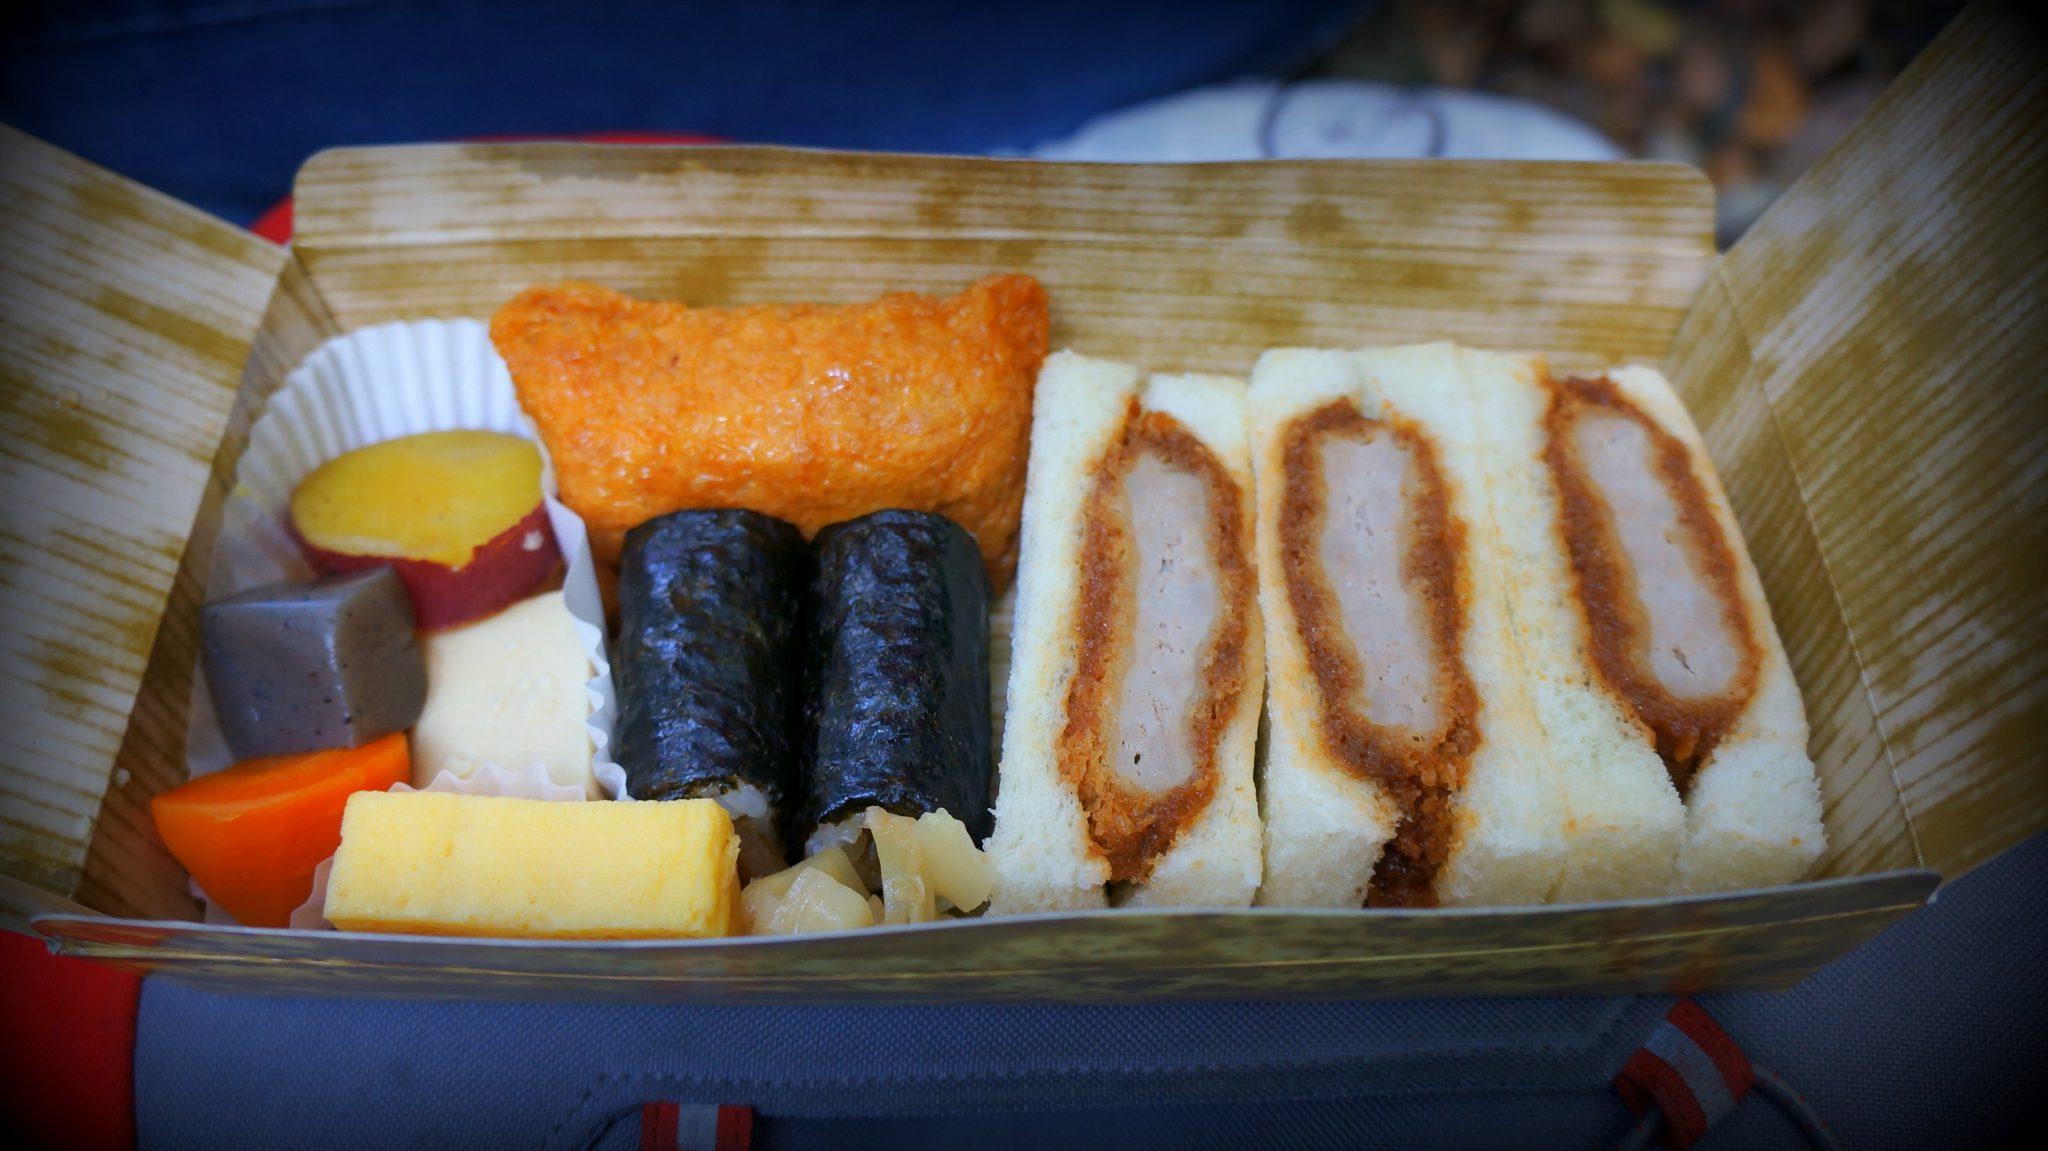 comida japonesa para llevar bento